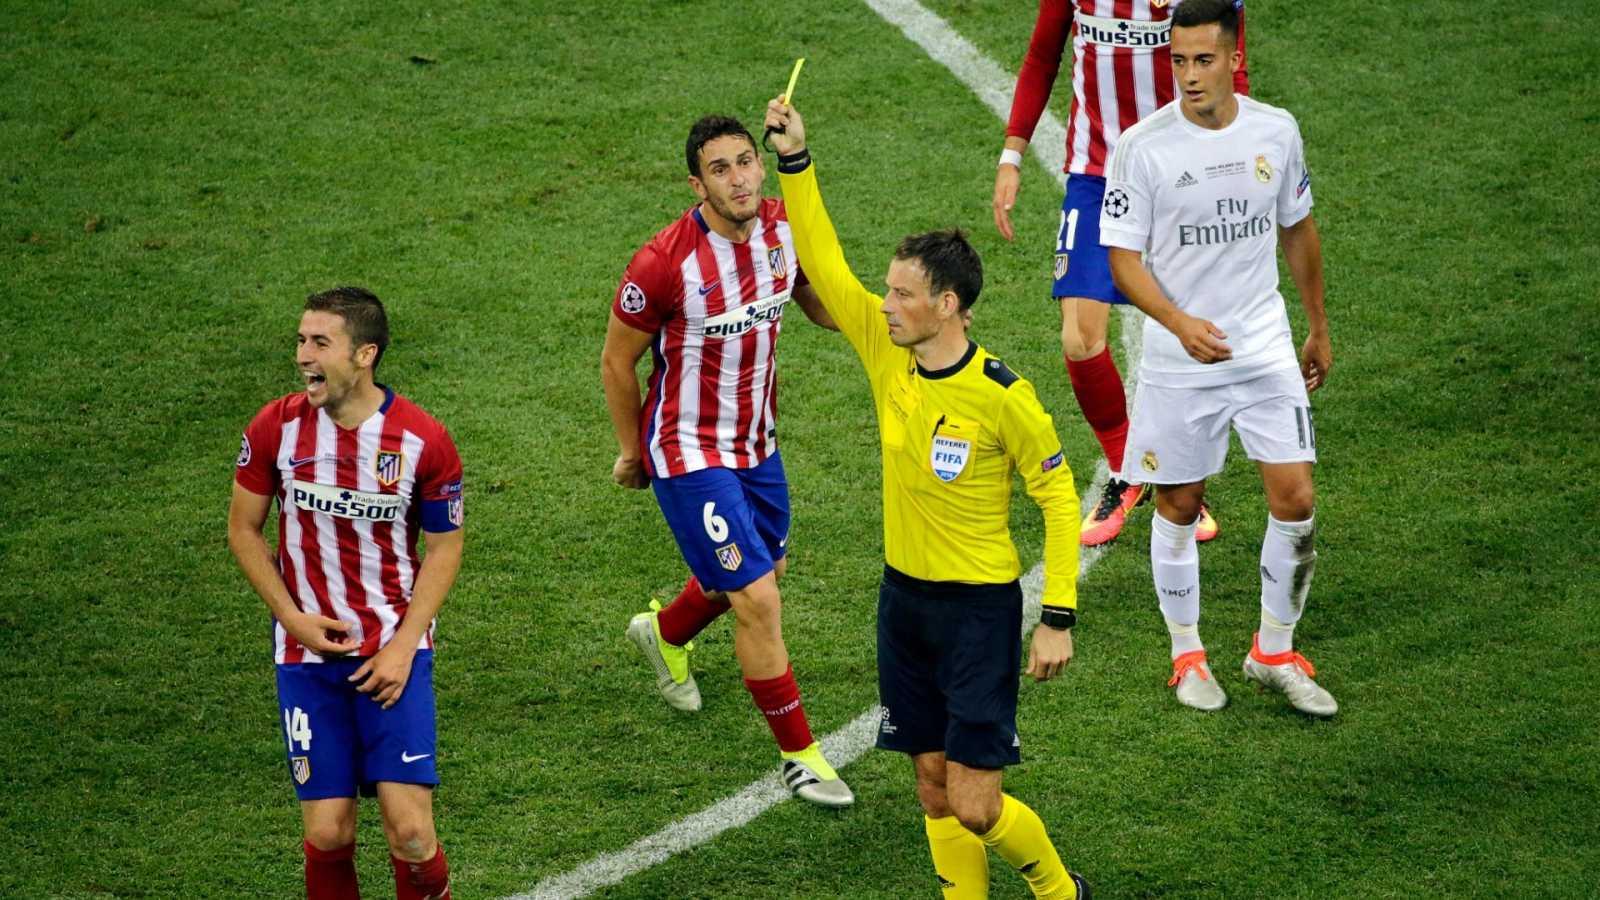 El árbitro, Mark Clattenburg, muestra una tarjeta amarilla al jugador del Atlético de Madrid, Gabi, durante la Final de la Champions de 2016